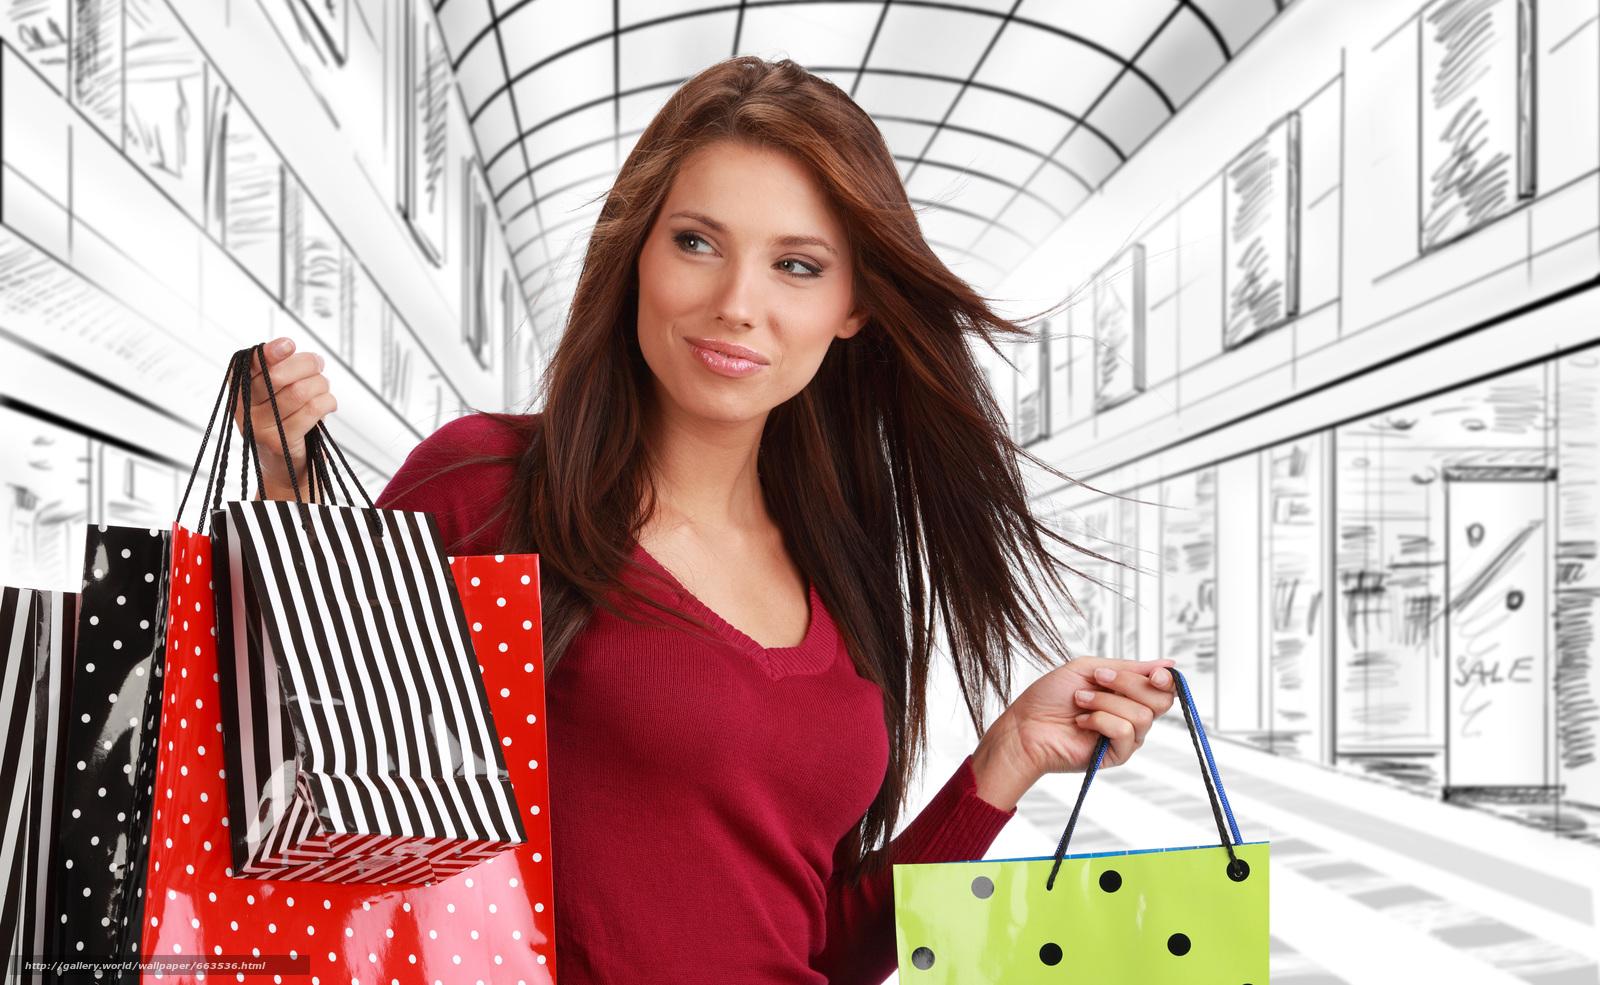 работе картинки на тему интернет магазин одежды подробно